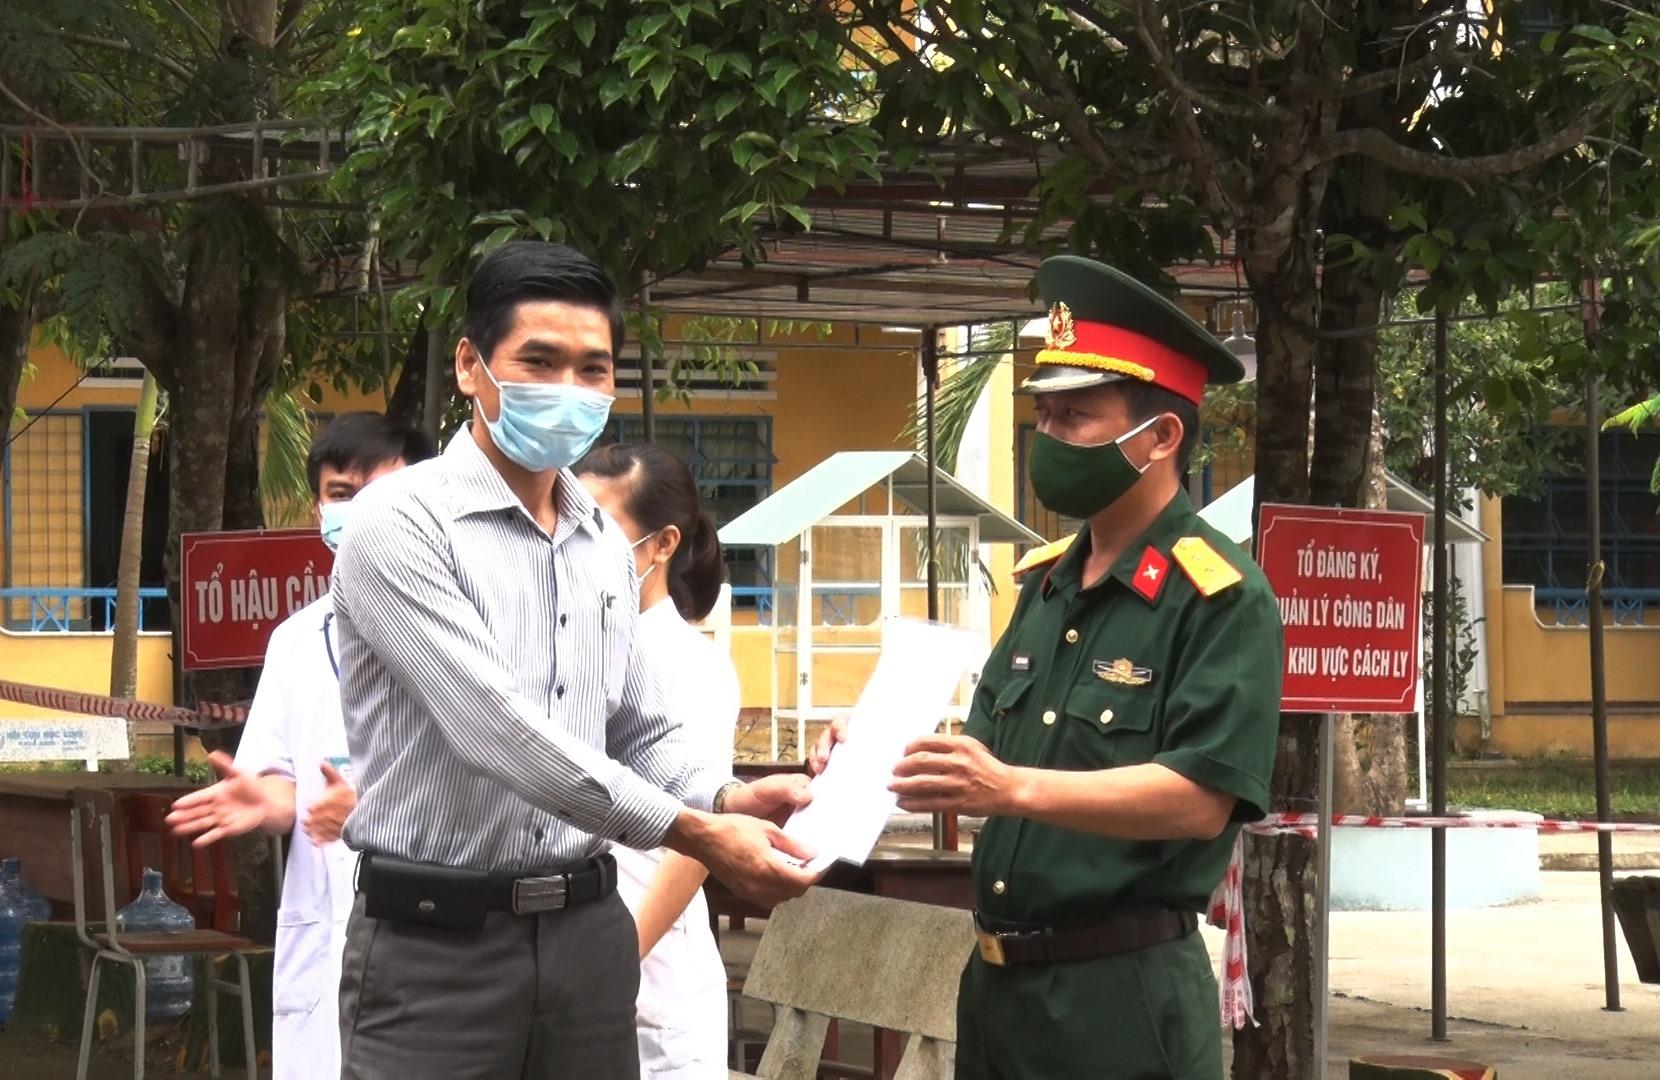 Ông Lê Văn Ninh - Phó Chủ tịch UBND huyện Phú Ninh biểu dương các lực lượng tham gia nhiệm vụ tại khu cách ly tập trung. Ảnh: H.C